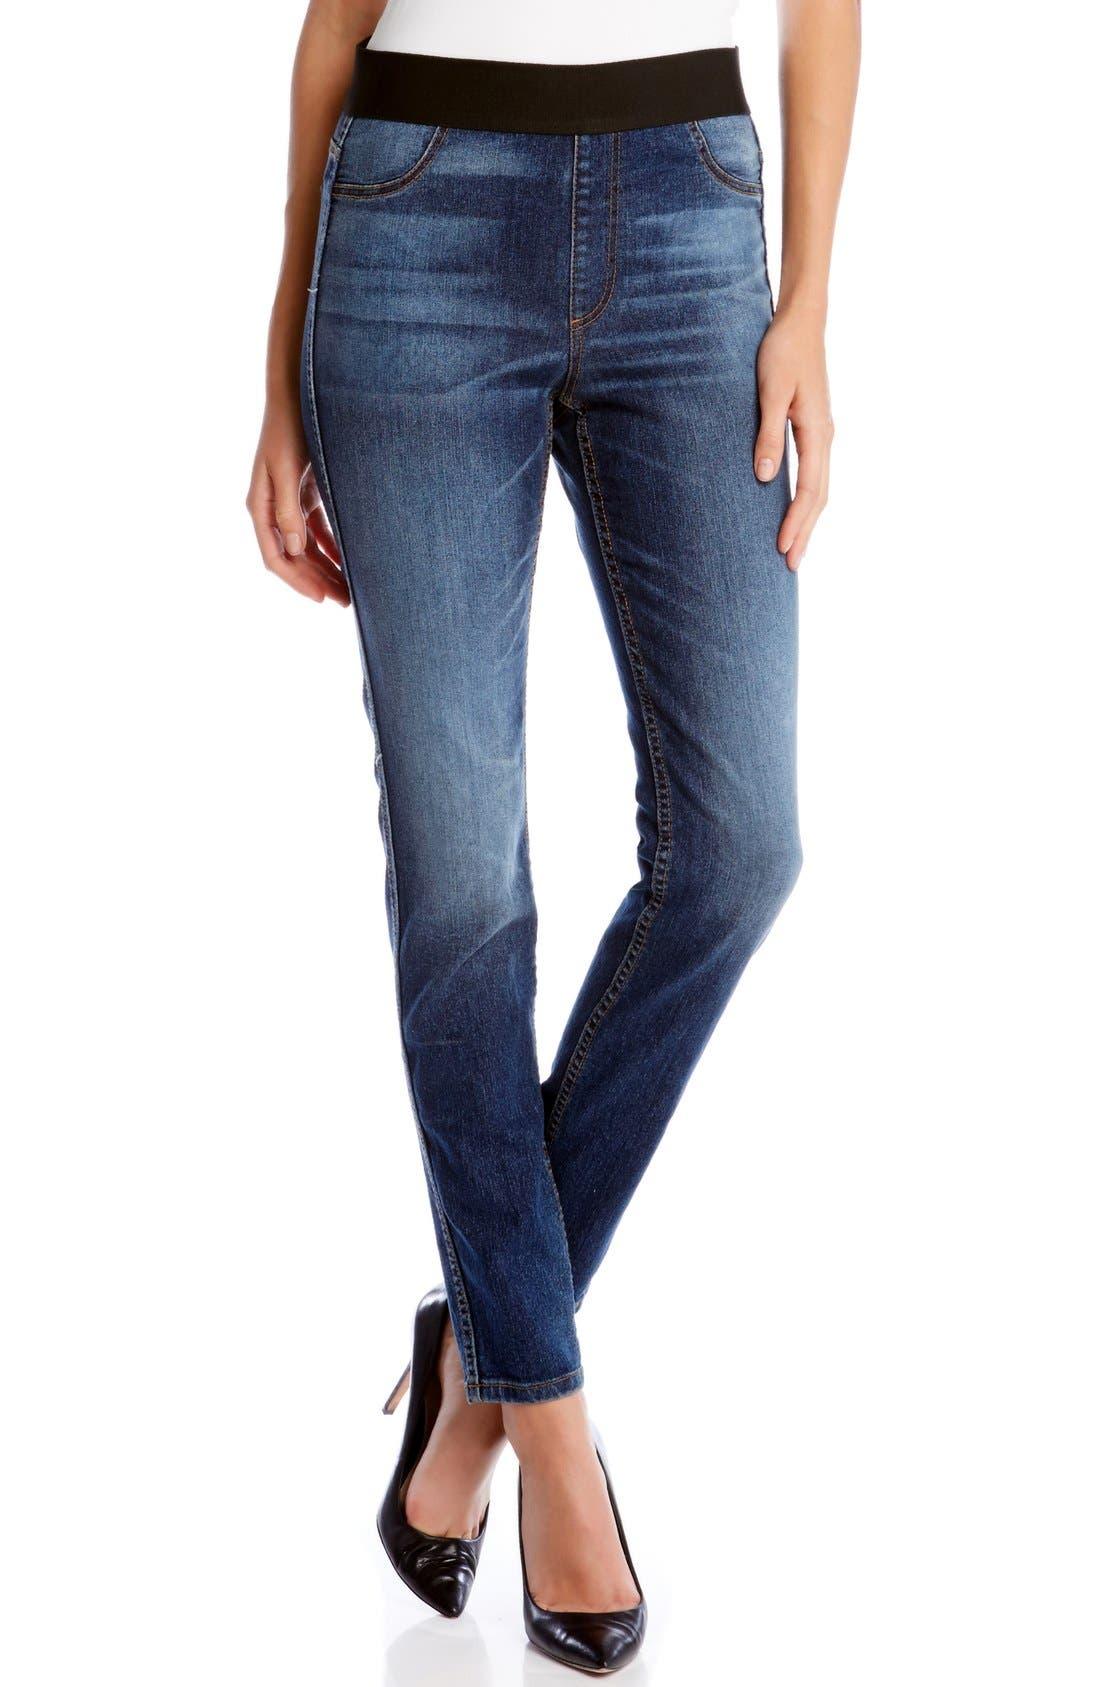 Main Image - Karen Kane Vintage Wash Stretch Denim Leggings (Blue)